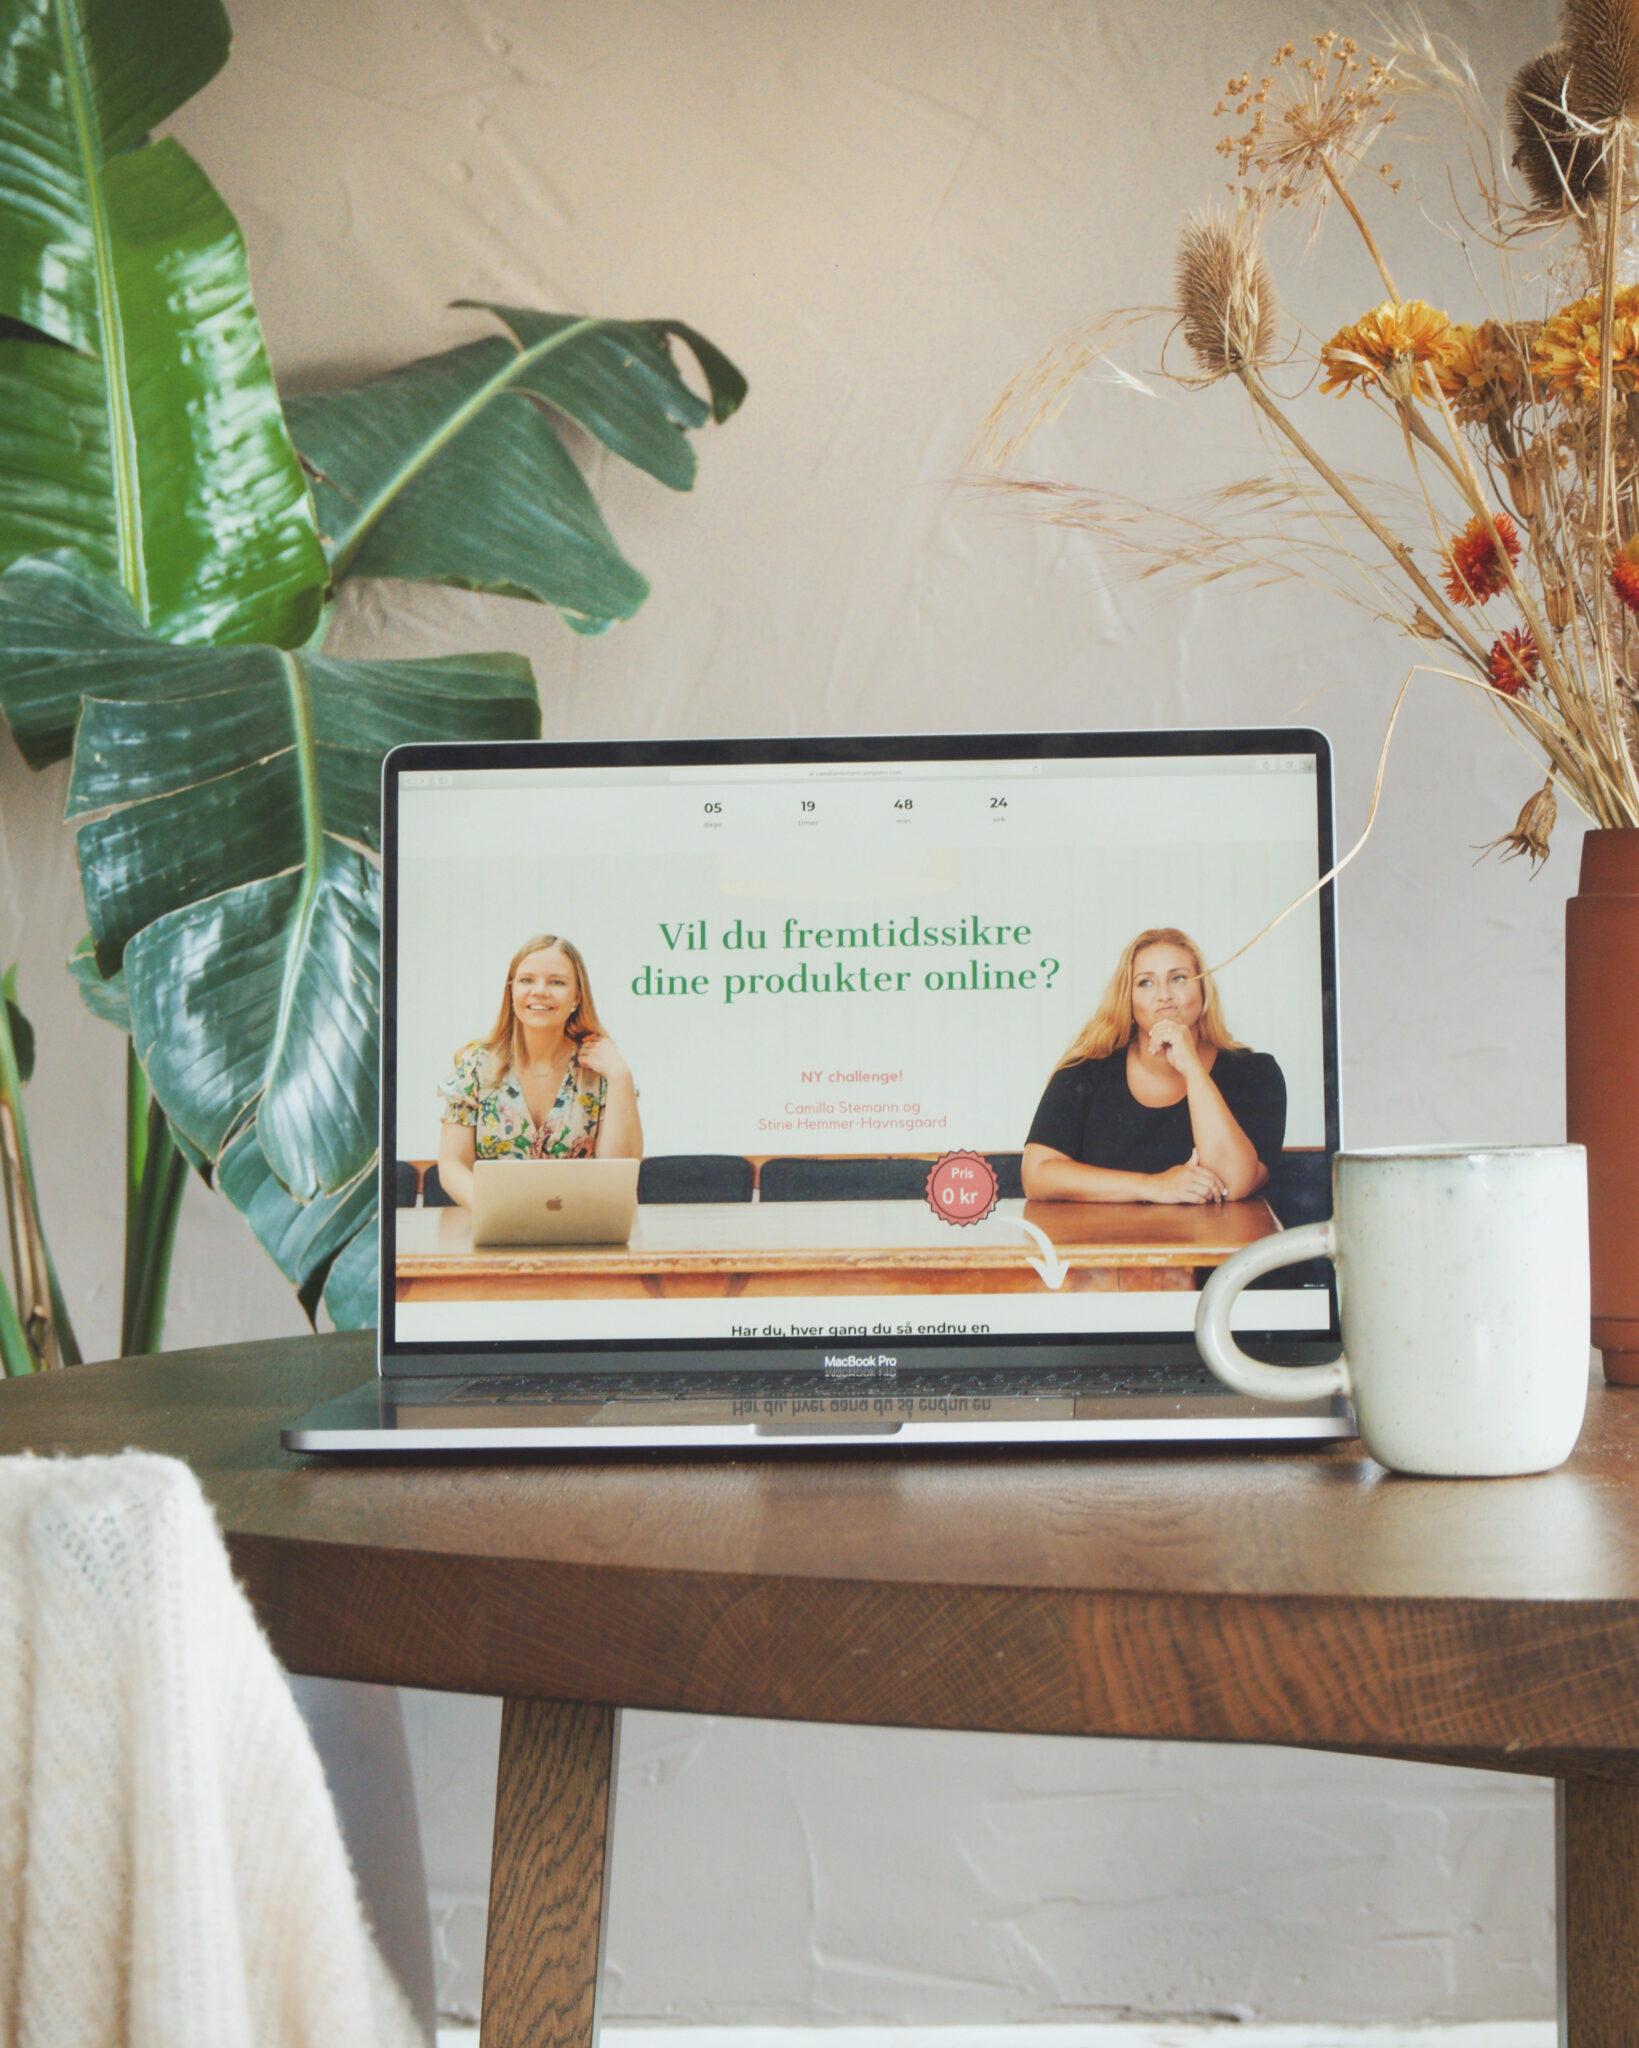 sælg din produkter online